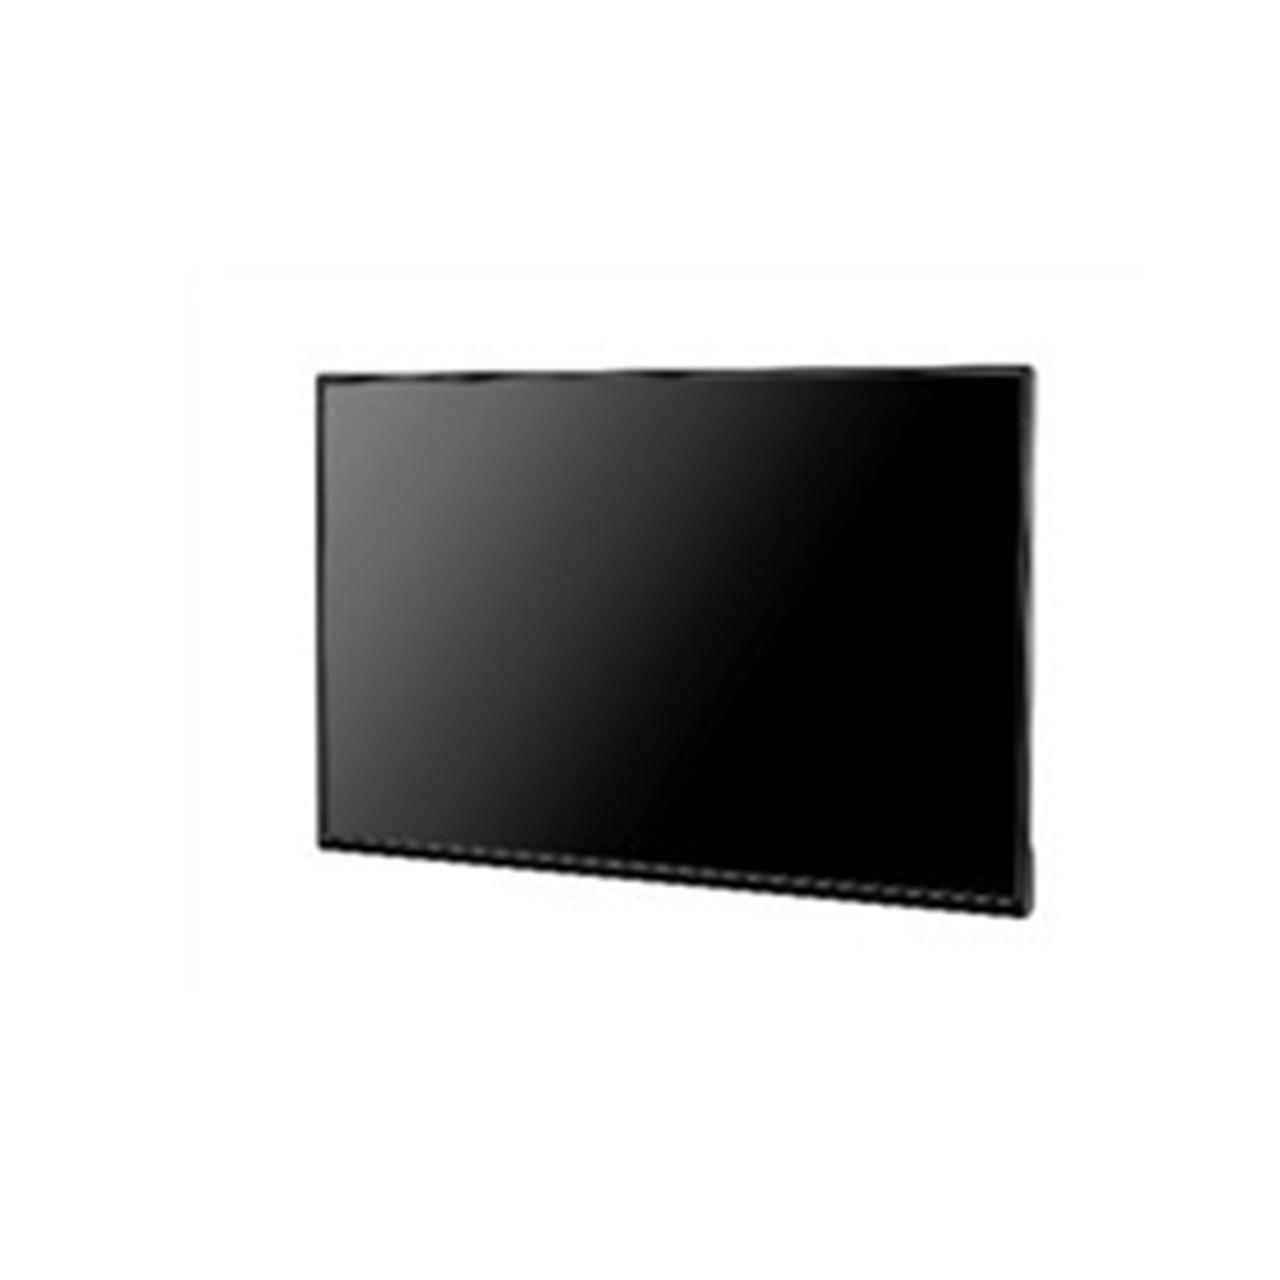 Hikvision DS-D5040FC 39 5